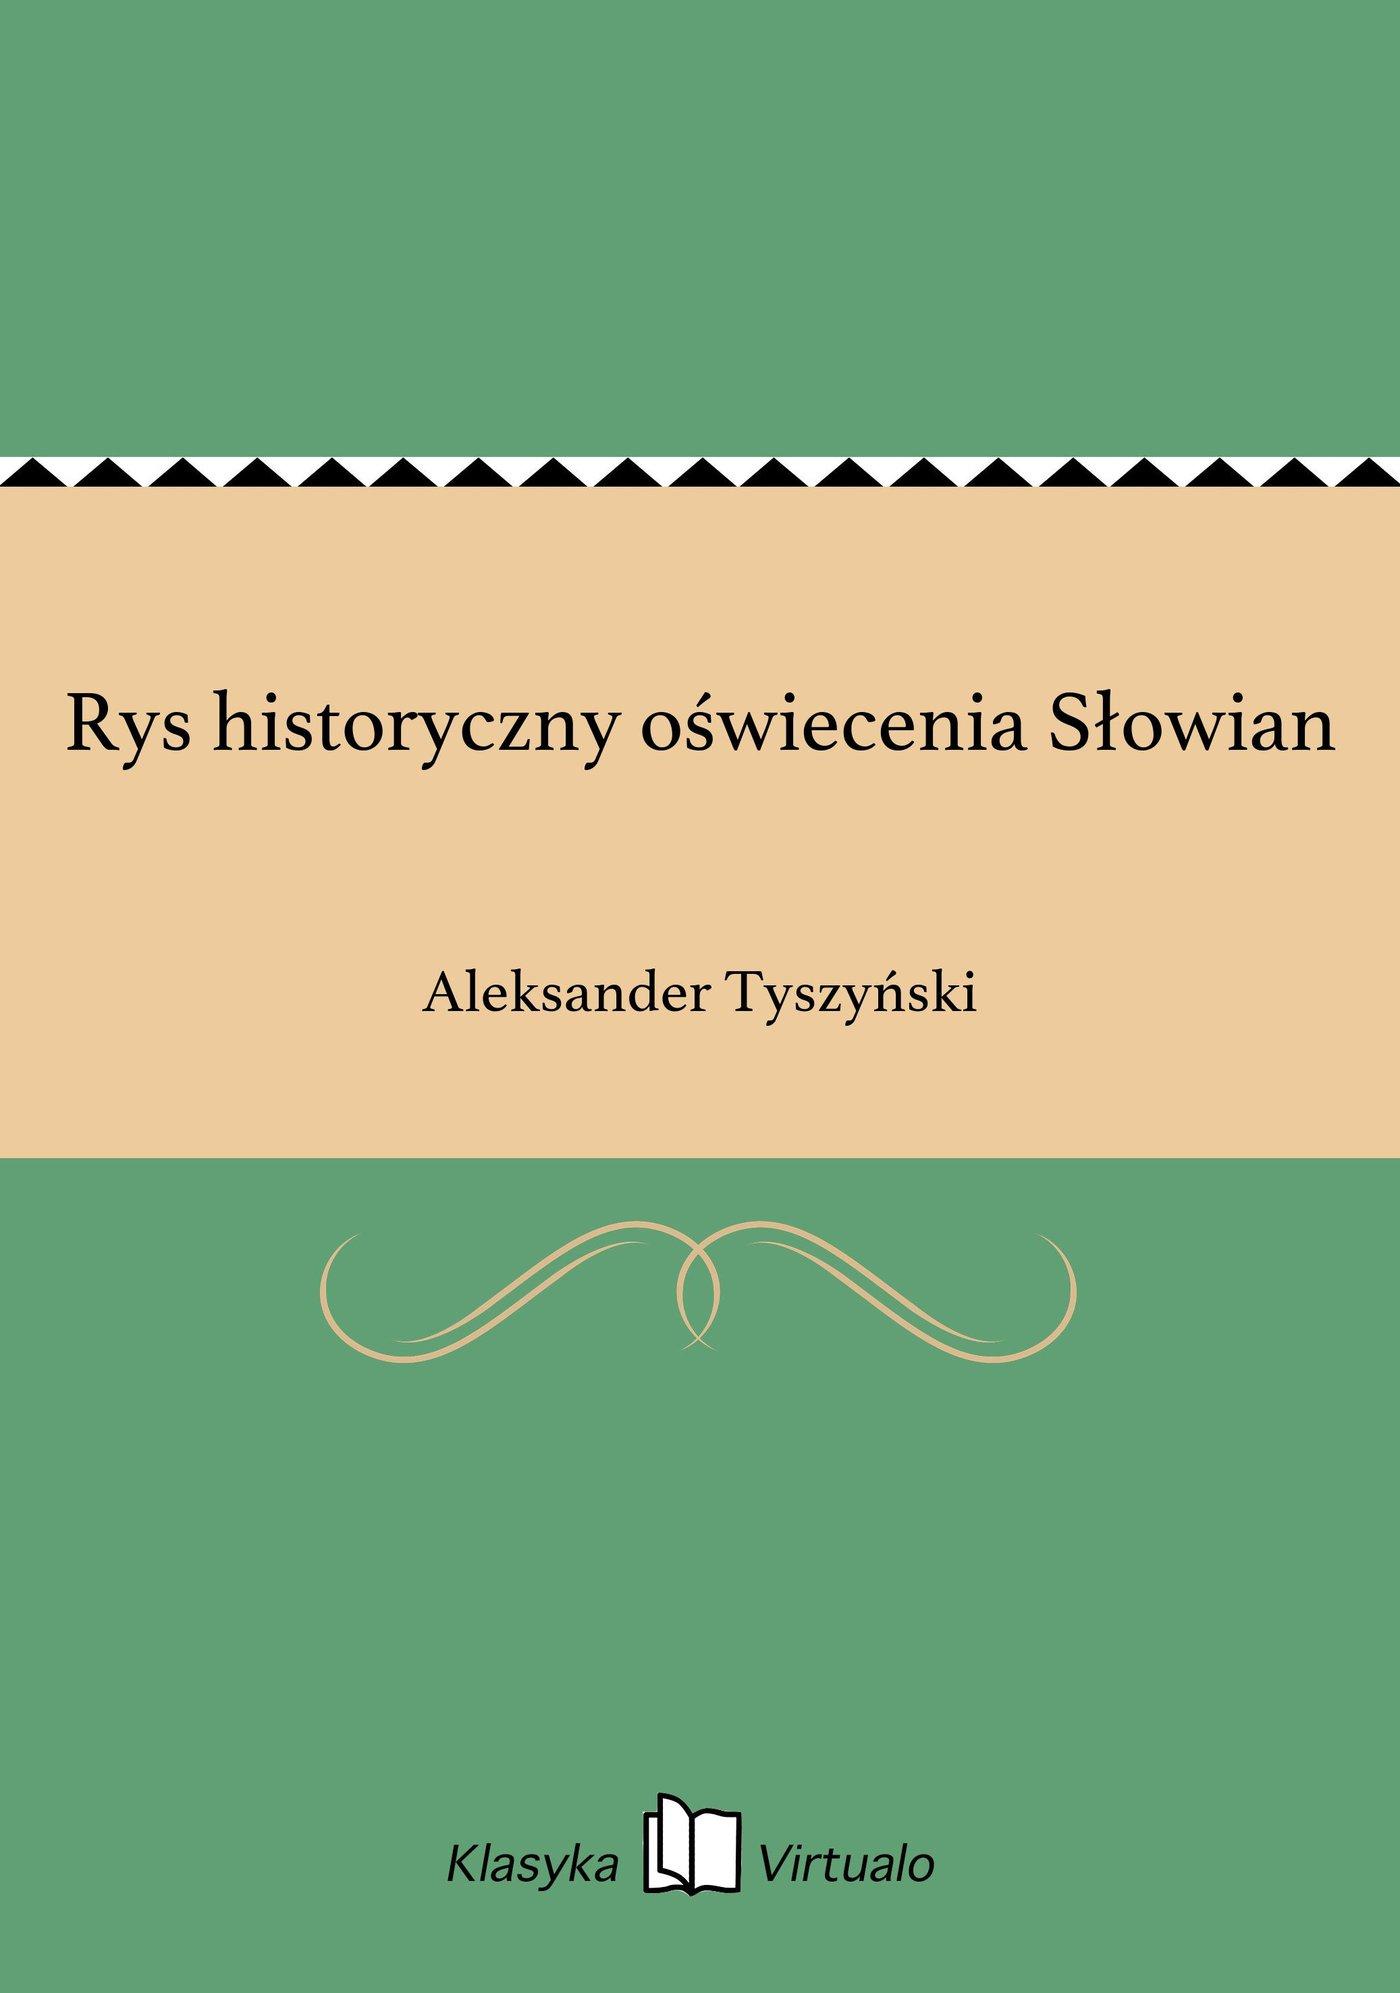 Rys historyczny oświecenia Słowian - Ebook (Książka EPUB) do pobrania w formacie EPUB